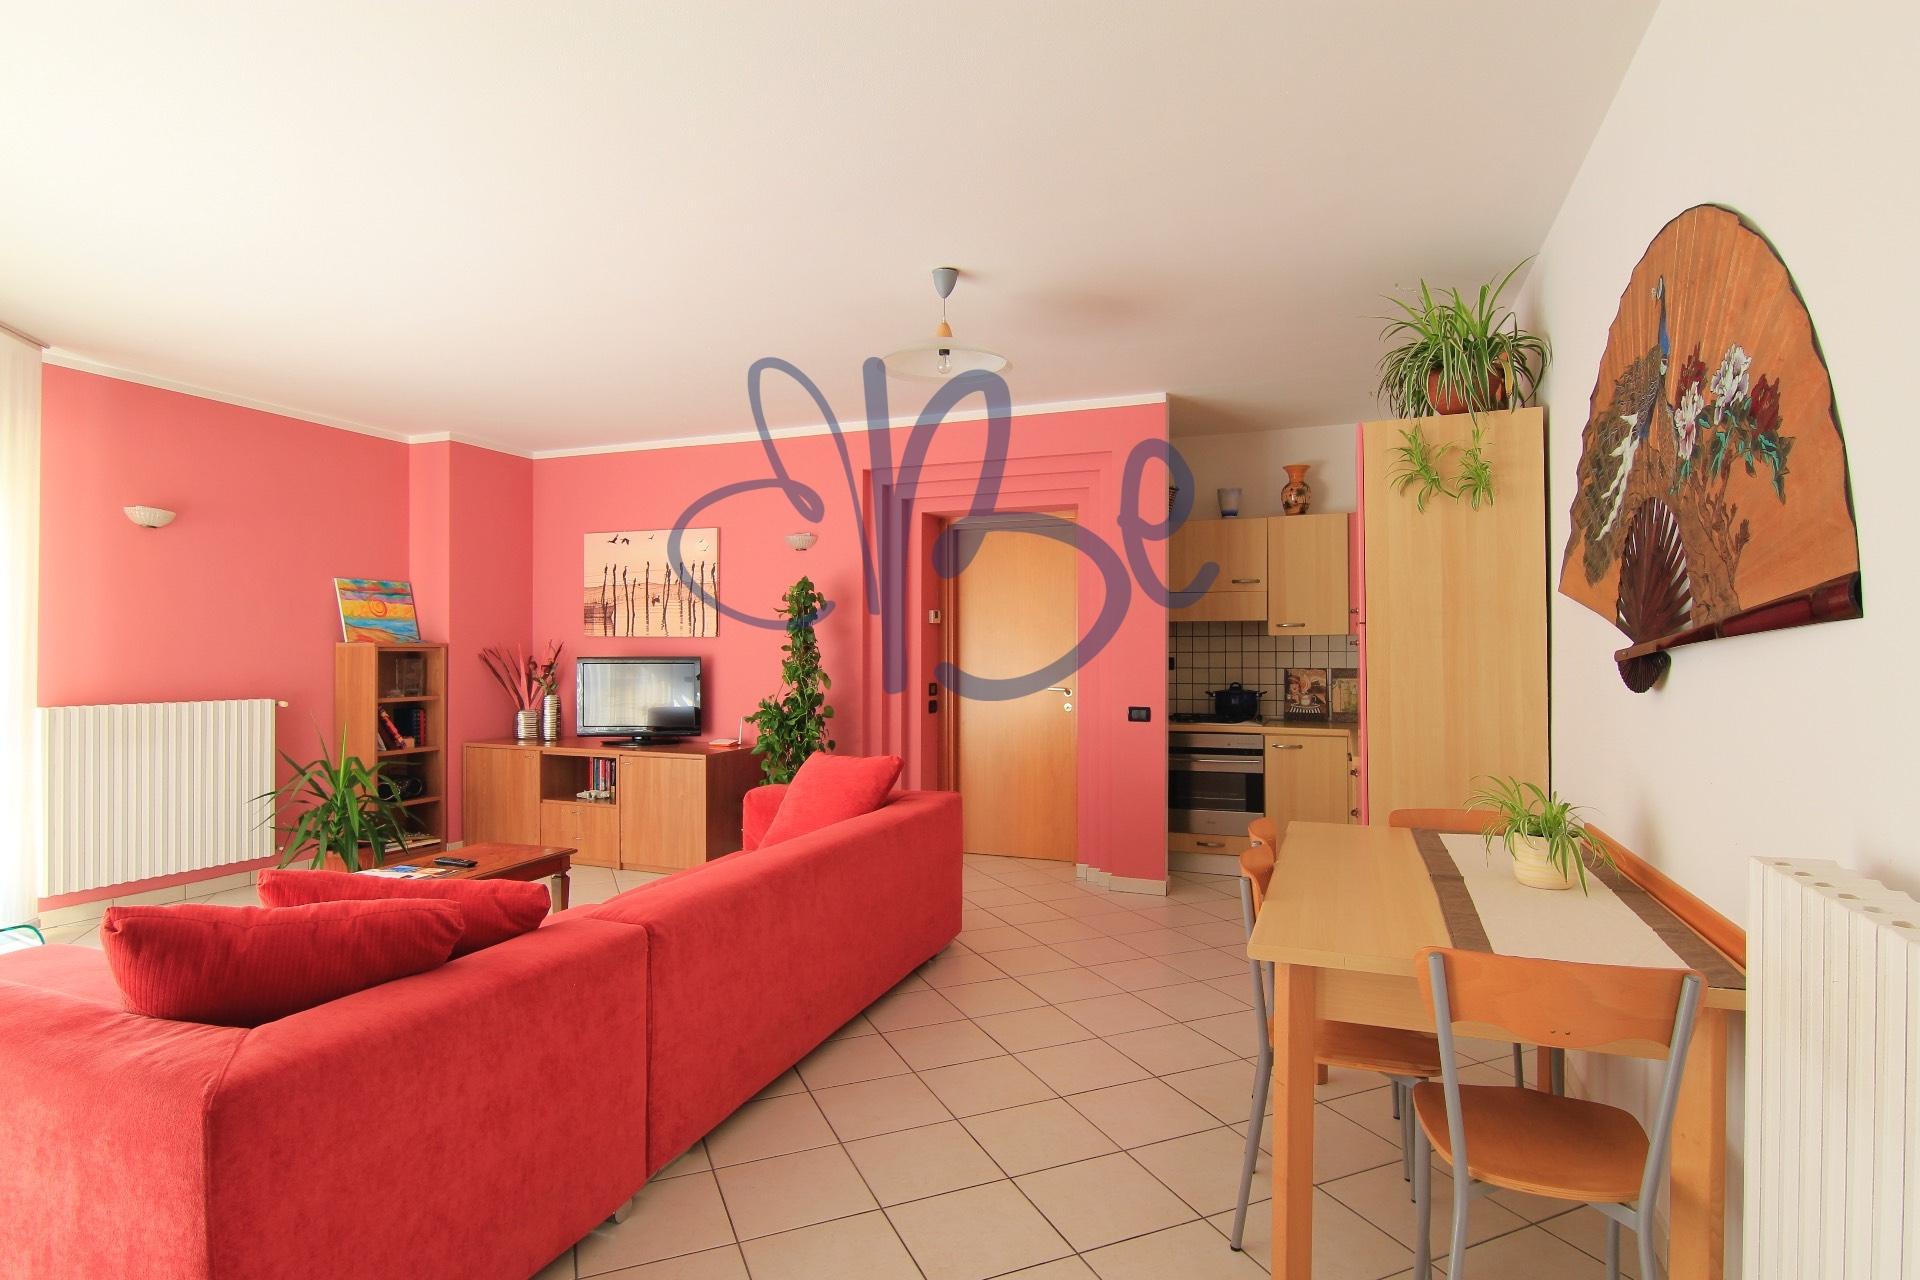 Appartamento in vendita a Vobarno, 3 locali, zona Zona: Corona, prezzo € 145.000   CambioCasa.it